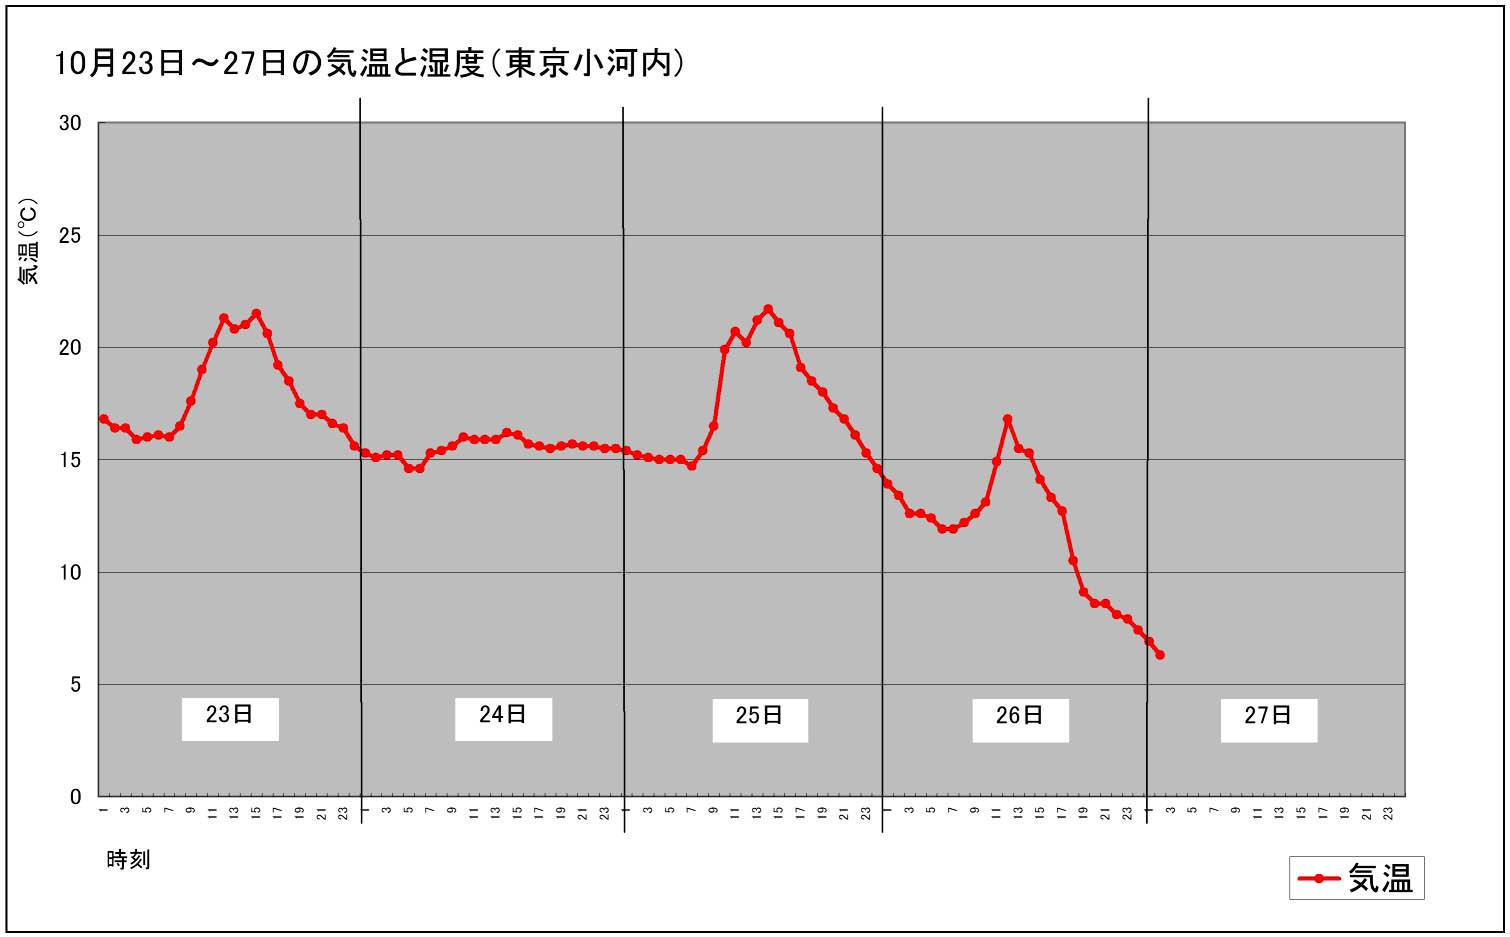 20111023~24 気温等(小河内)